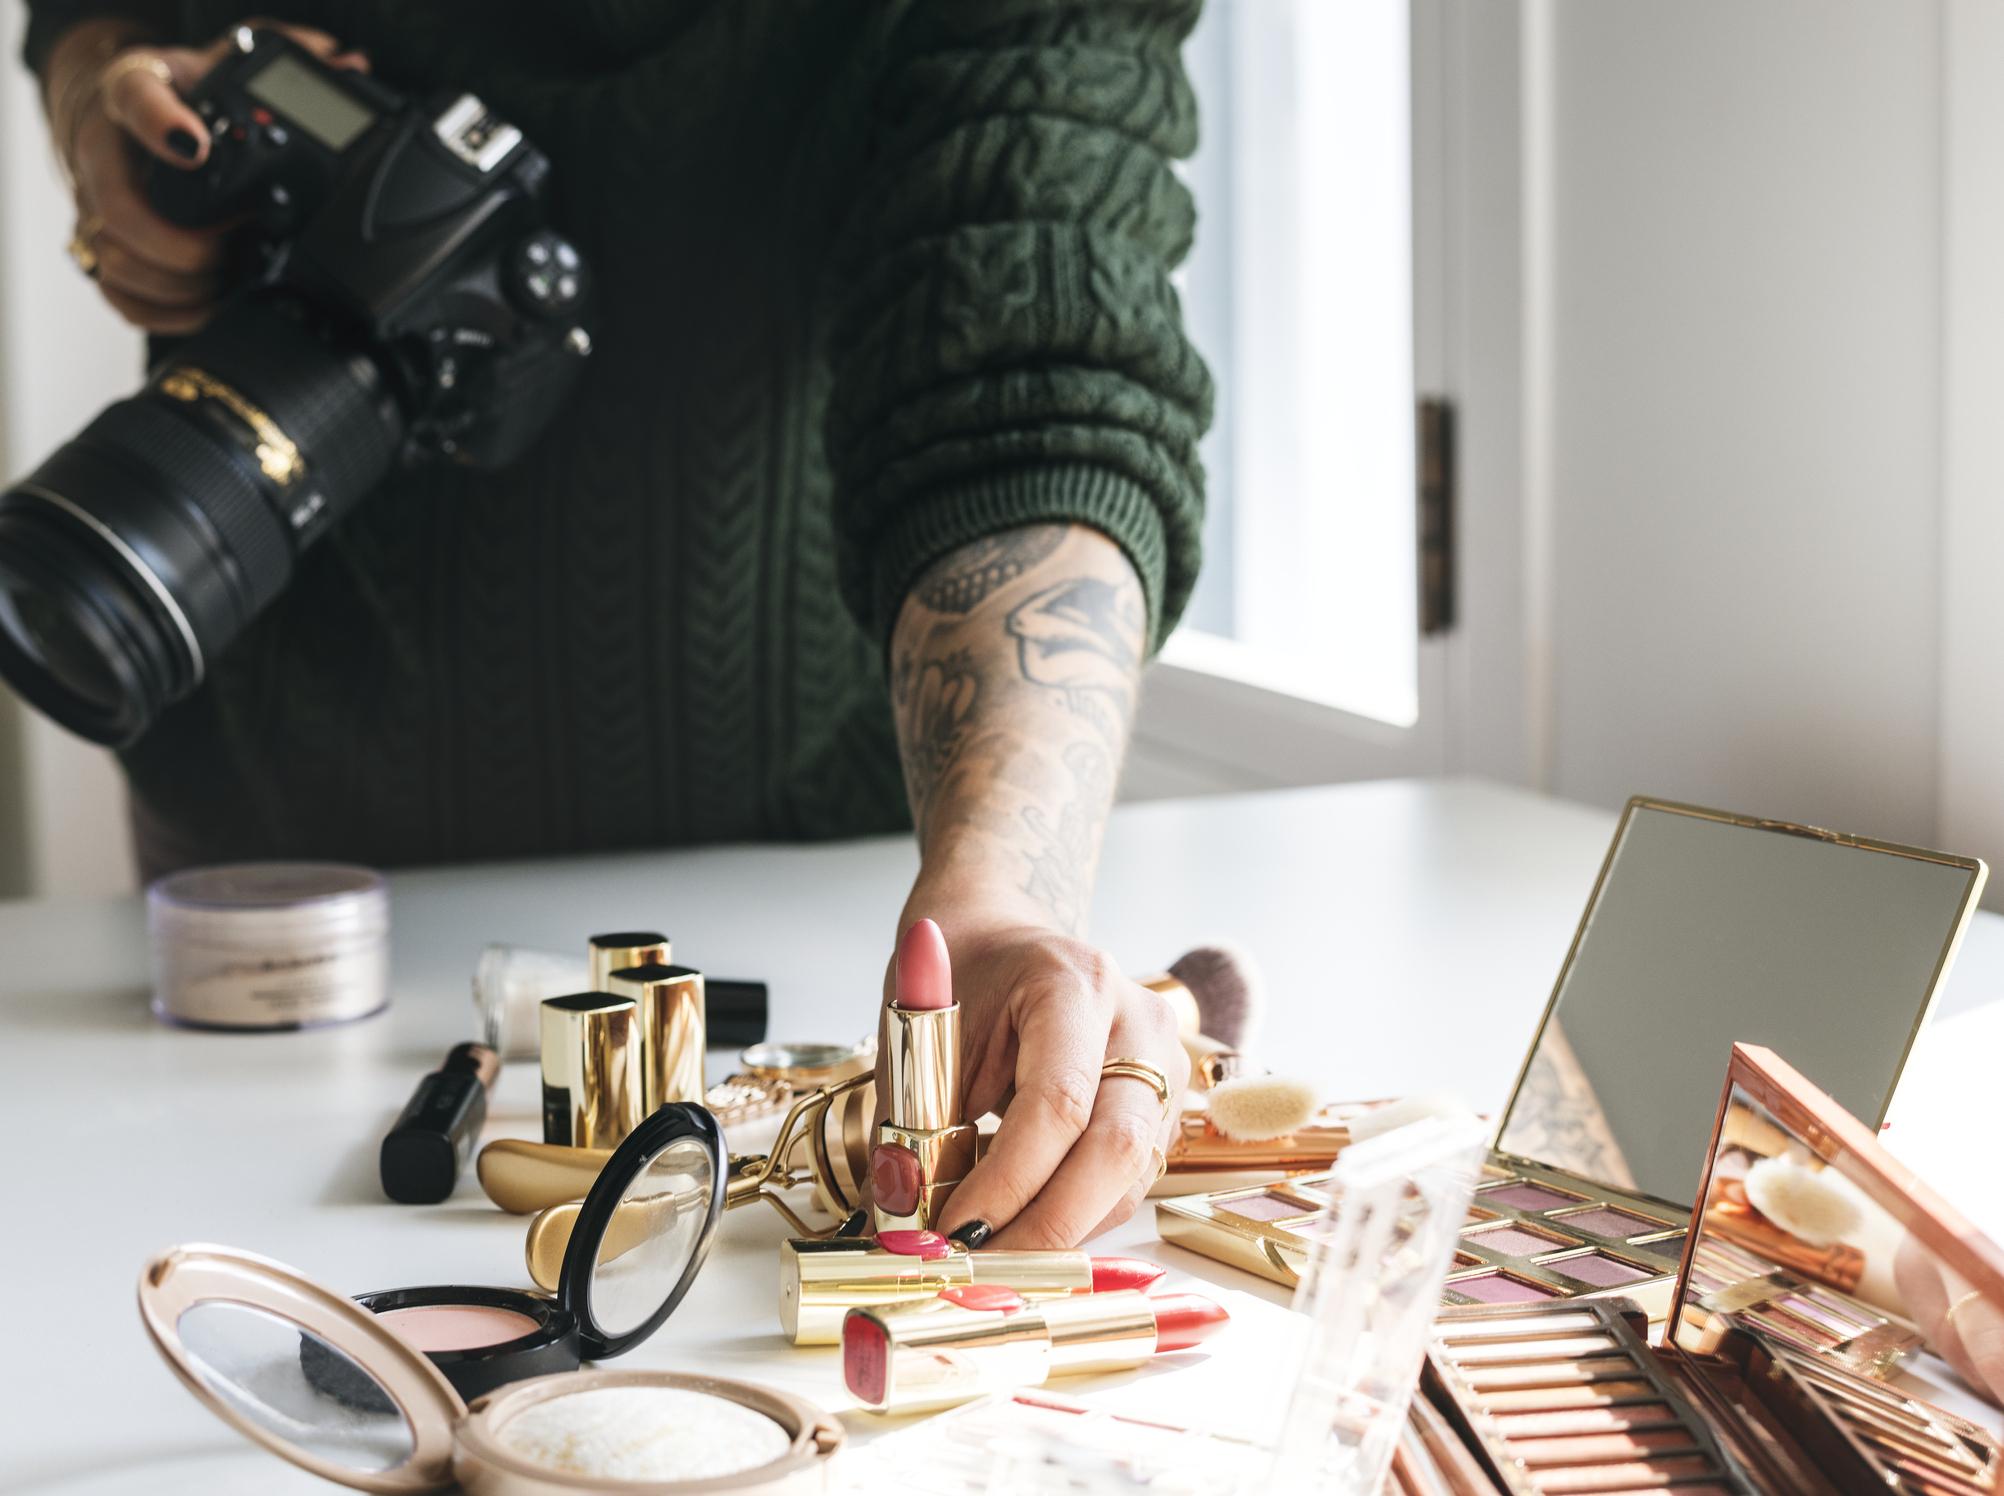 Cómo hacer fotografías de tus productos: guía para principiantes